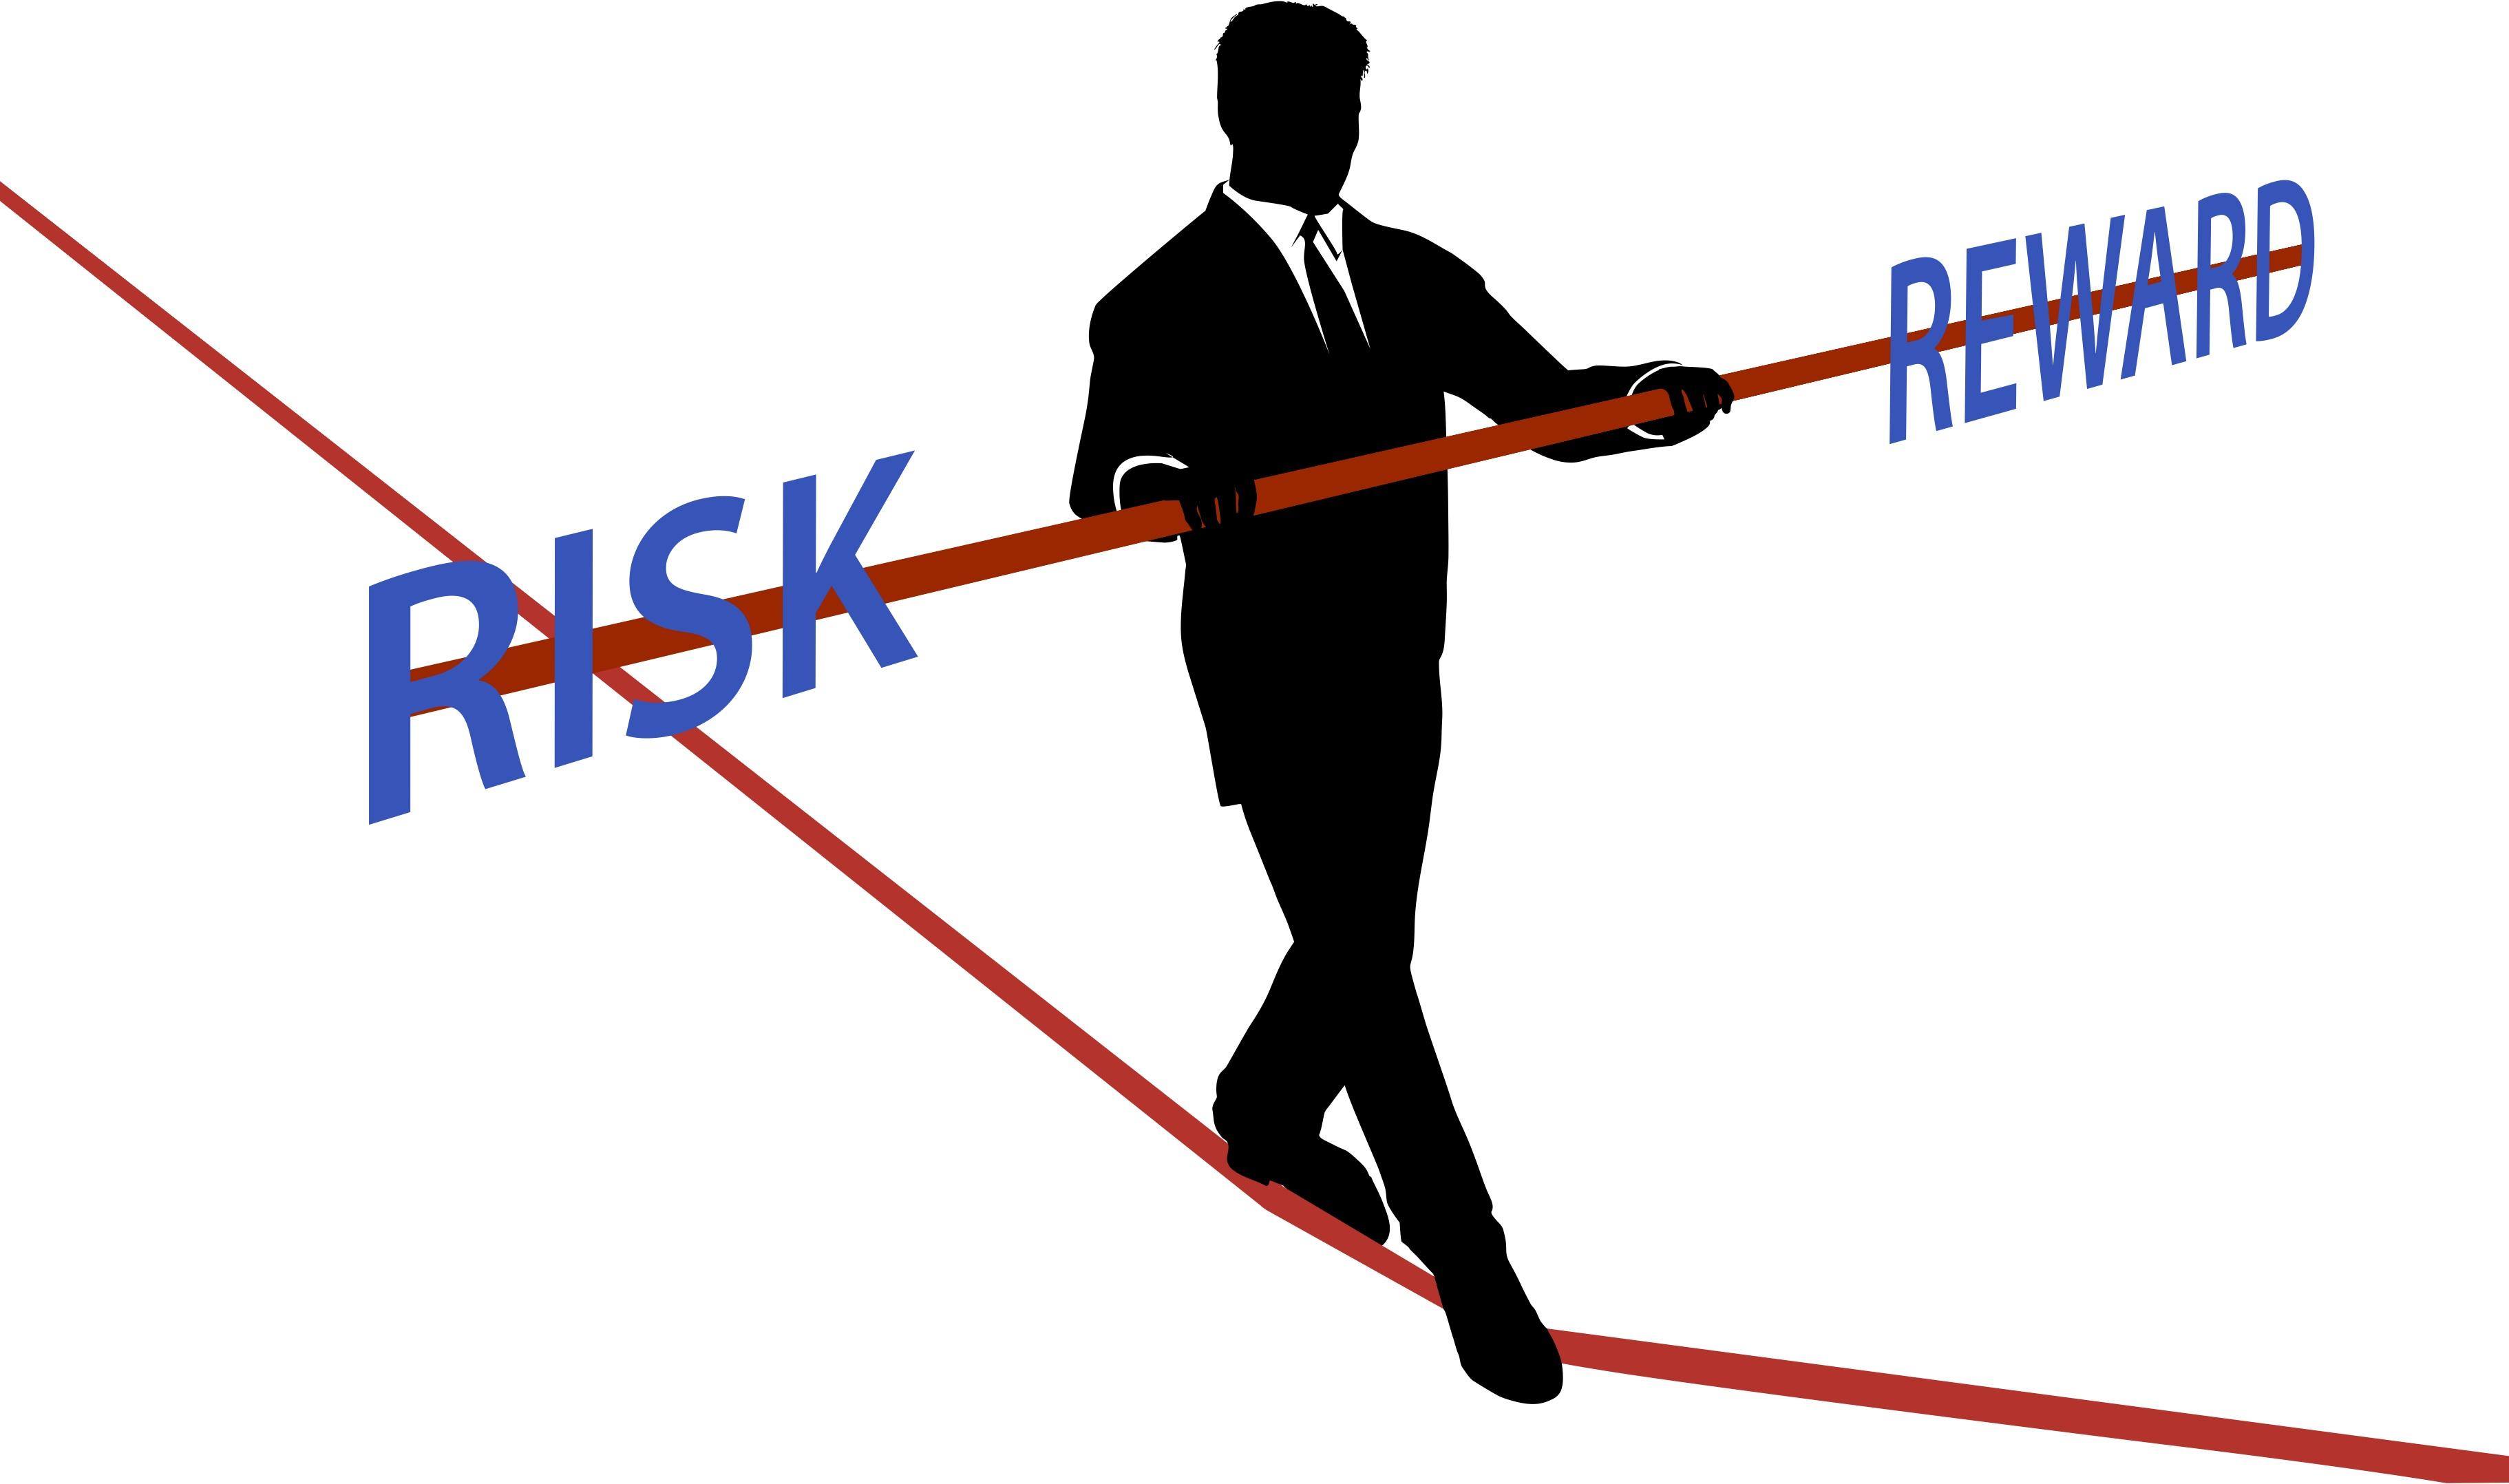 Sənədli əməliyyatlar zamanı hansı risklər qaçılmaz olur?